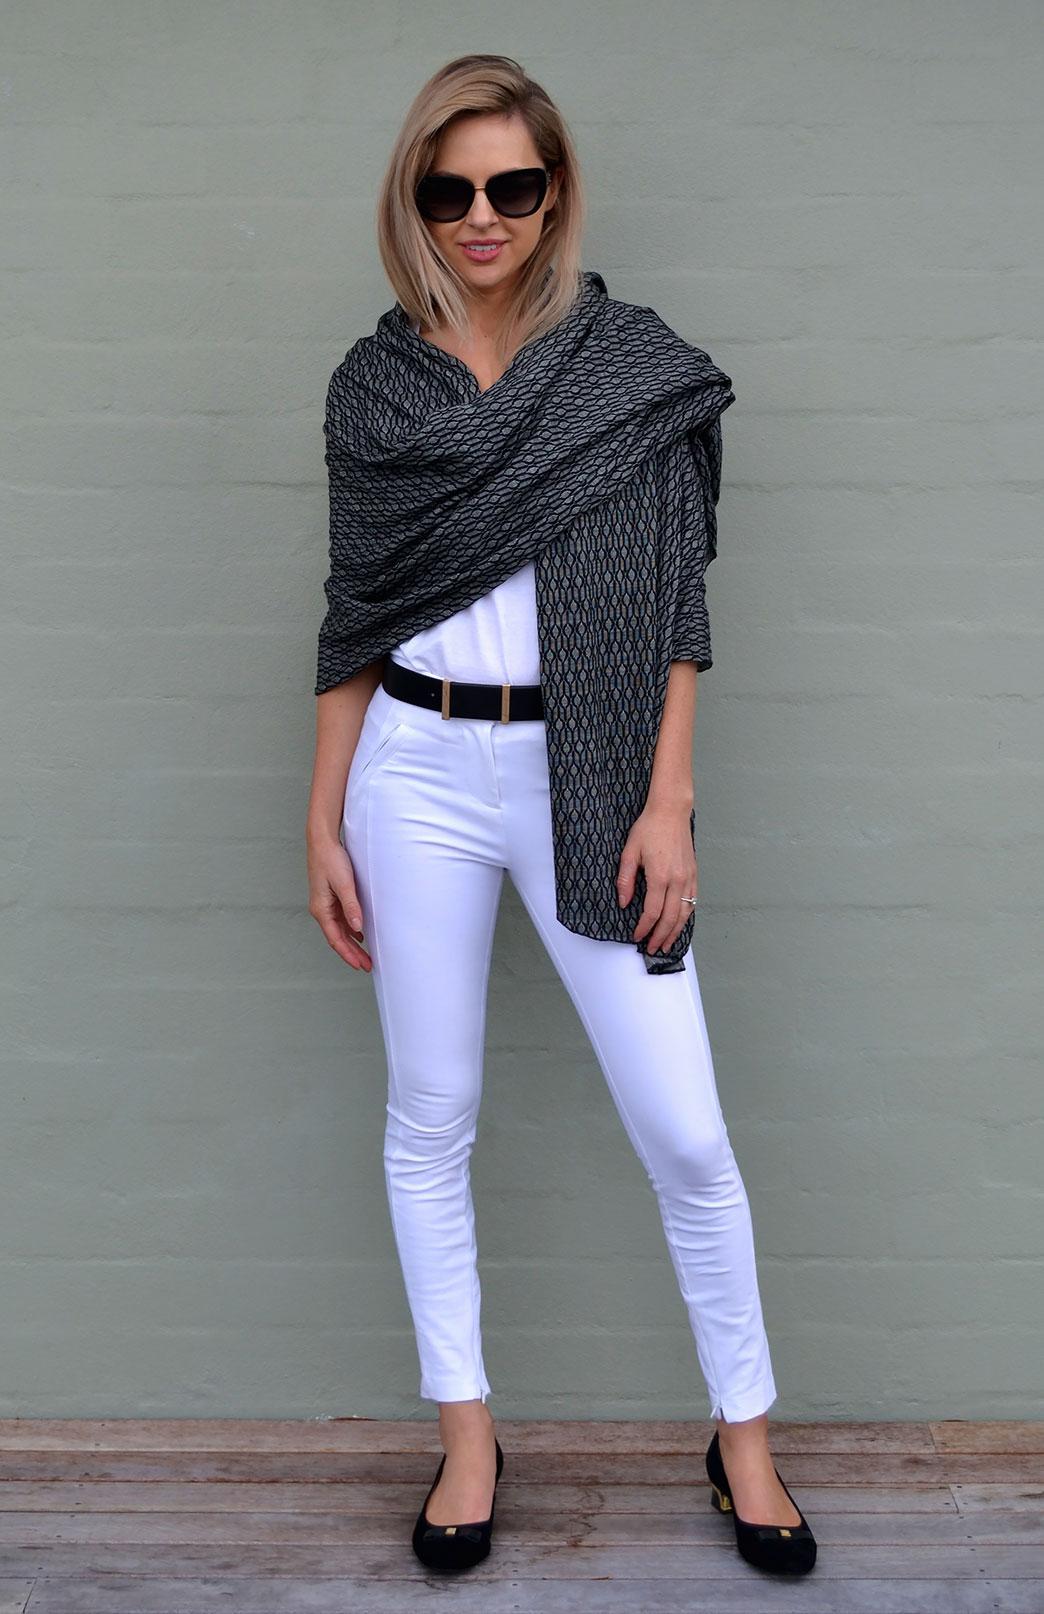 Patterned Wrap - Women's Superfine Merino Wool Patterned Wrap - Smitten Merino Tasmania Australia